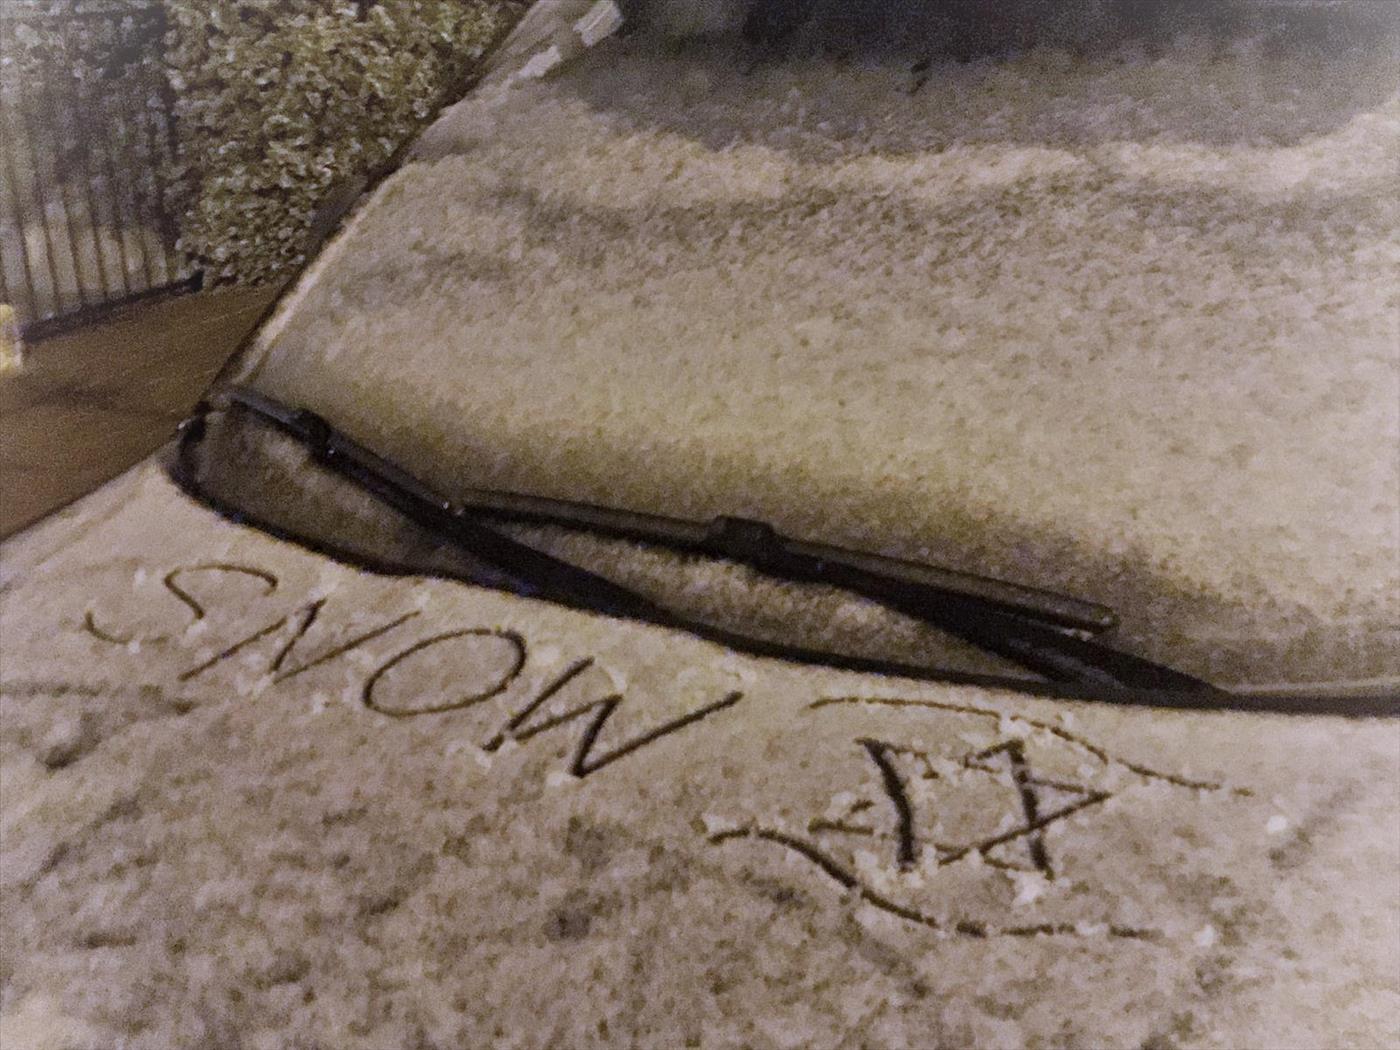 שלג בגוש עציון (לורה בן דוד TPS)